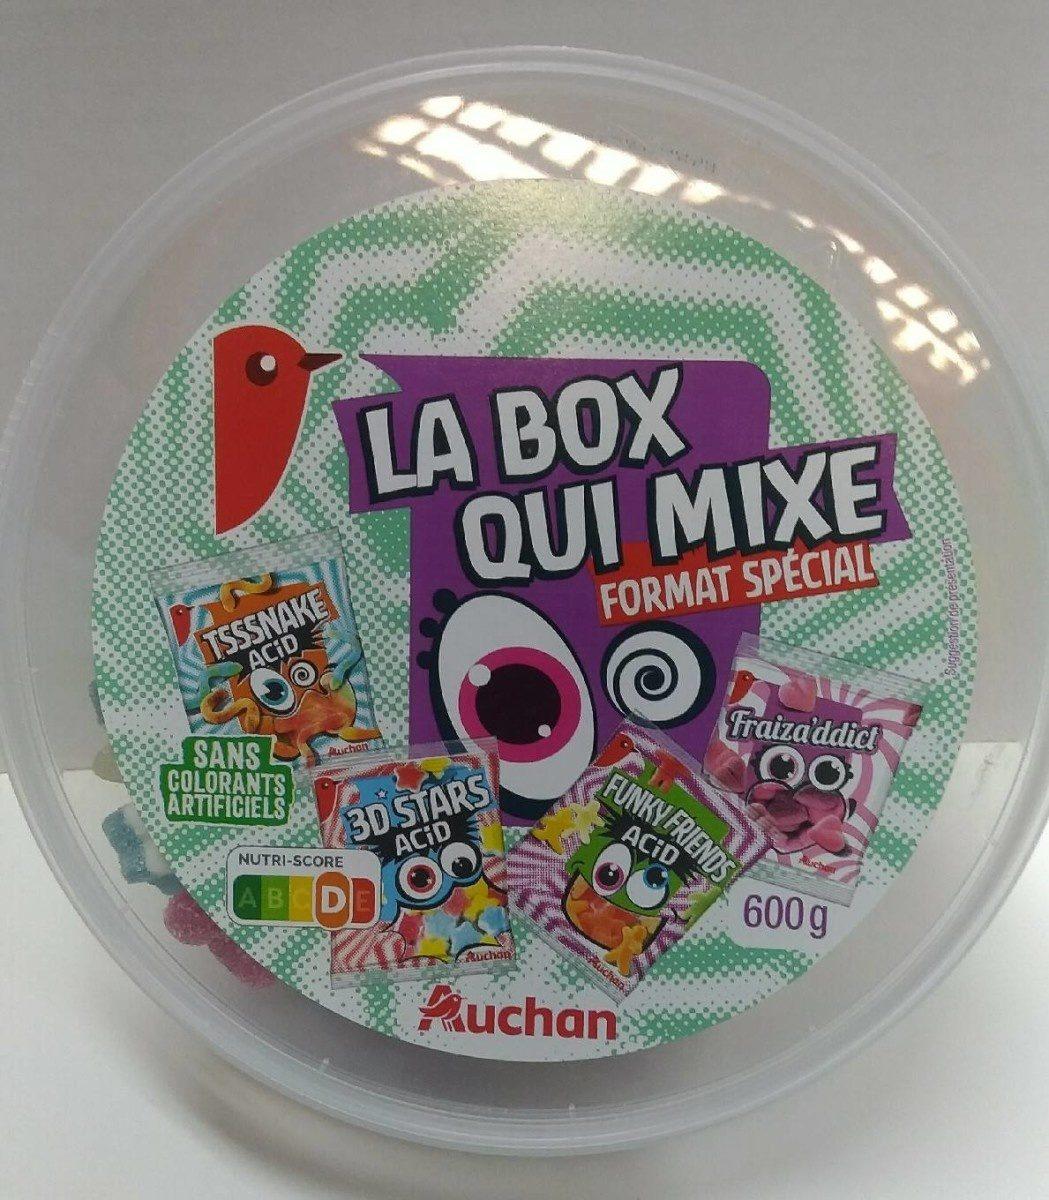 La box qui mixe - Produit